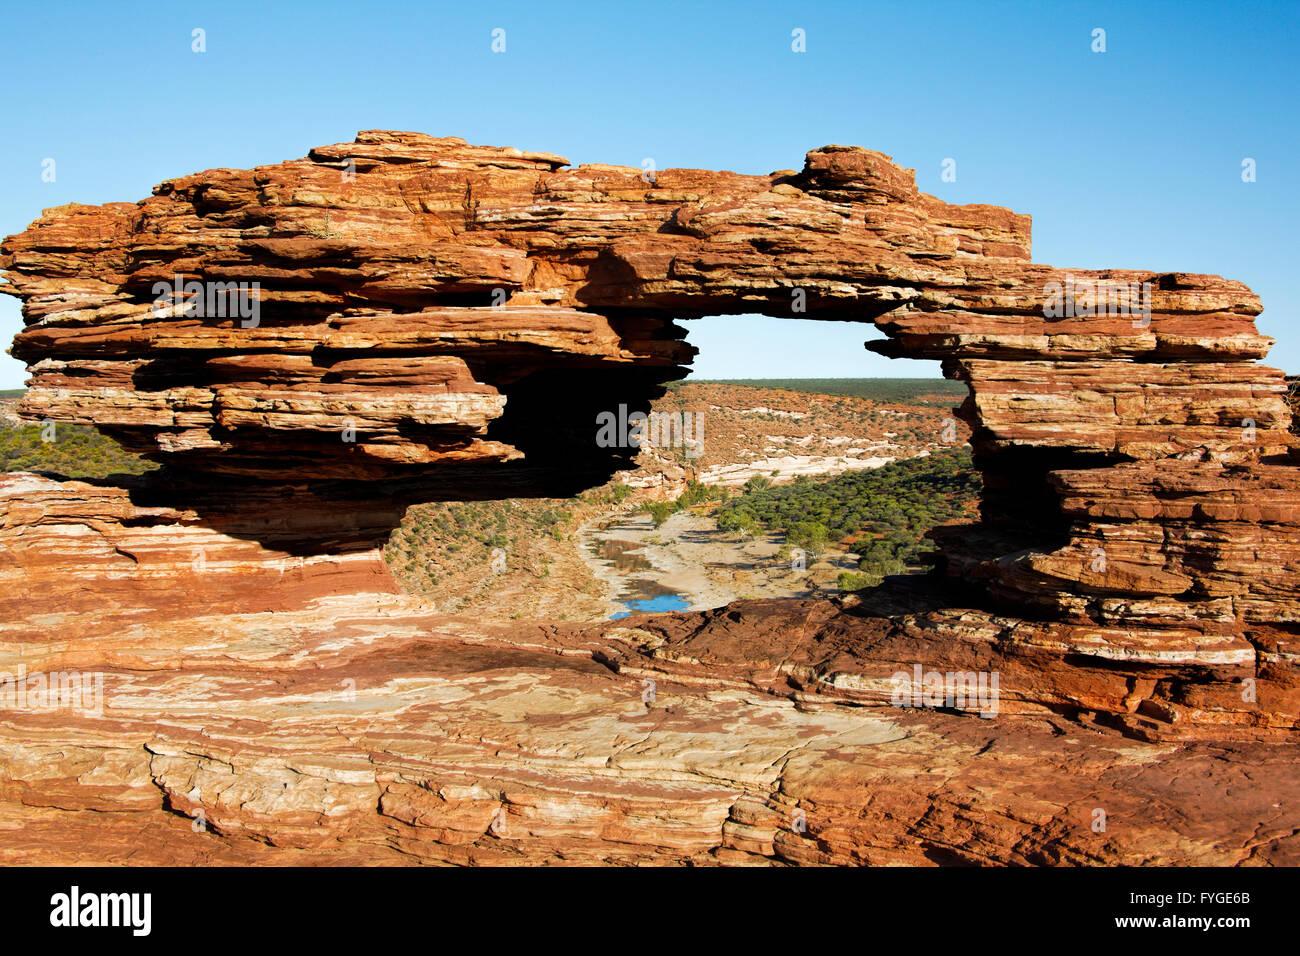 La natura della finestra, Mudstone formazione, Kalbarri Parco Nazionale Murchison, Australia occidentale Immagini Stock